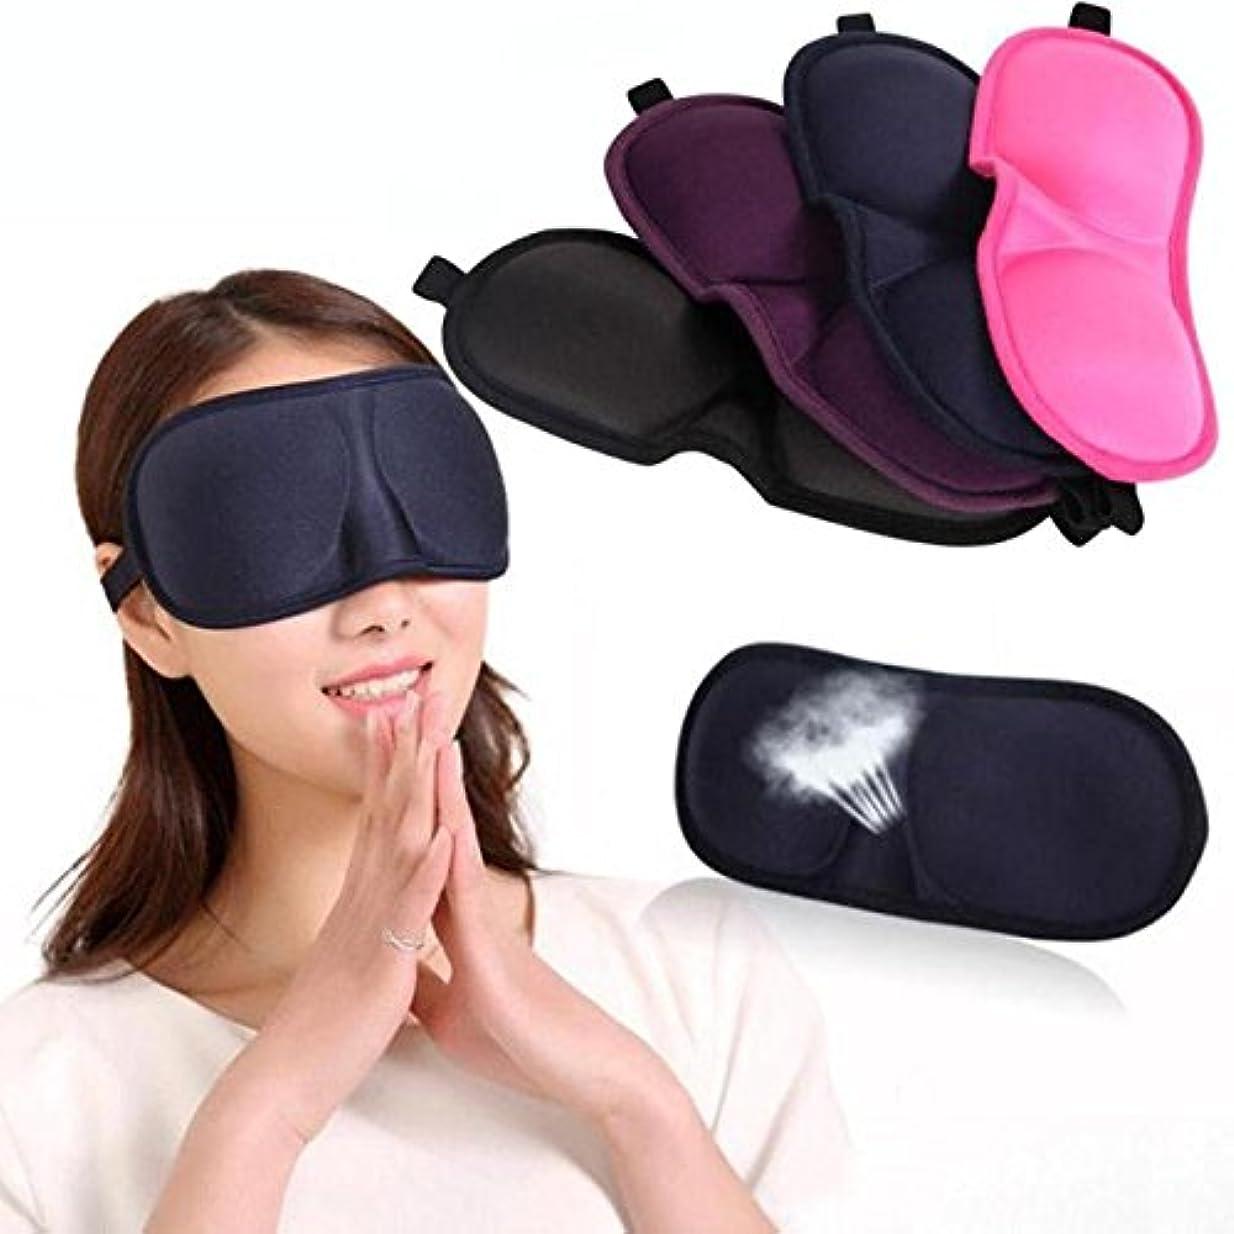 ノート旅行睡眠アイマスクコットンゴーグルアイパッチカバー睡眠休息軽減疲労携帯目隠しL4